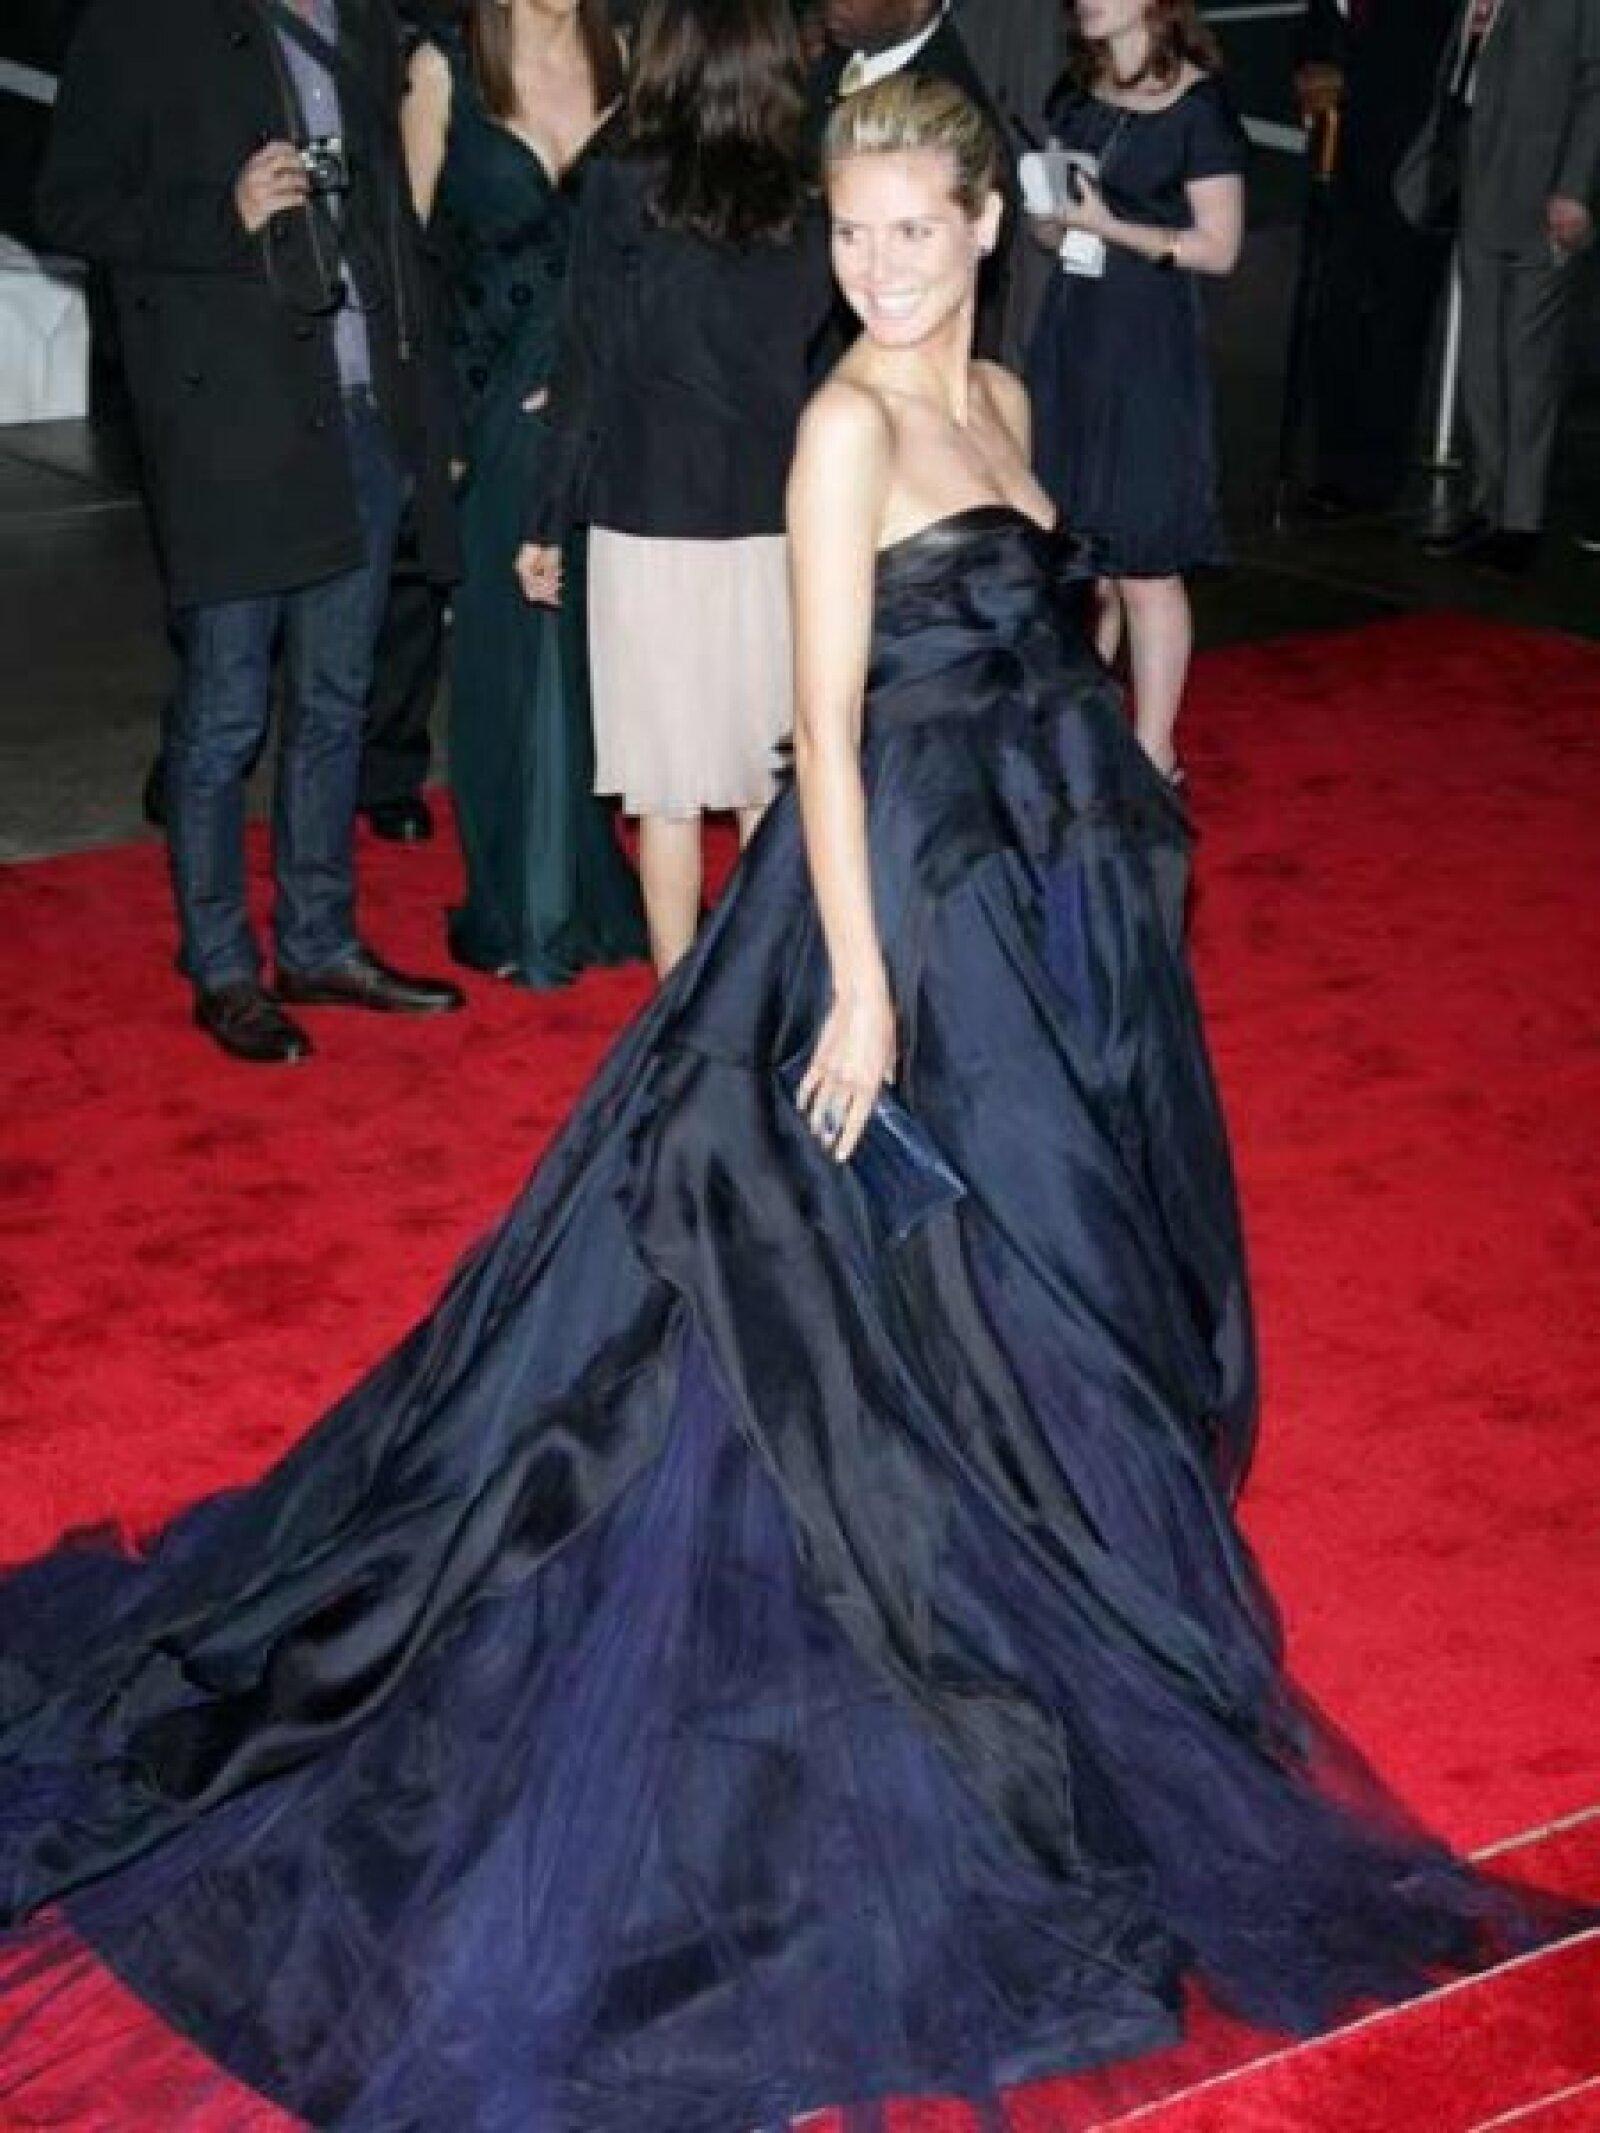 Heidi Klum es consentida de los diseñadores y de la cigüeña, tiene tres y espera el cuarto con su esposo, el músico británico Seal.